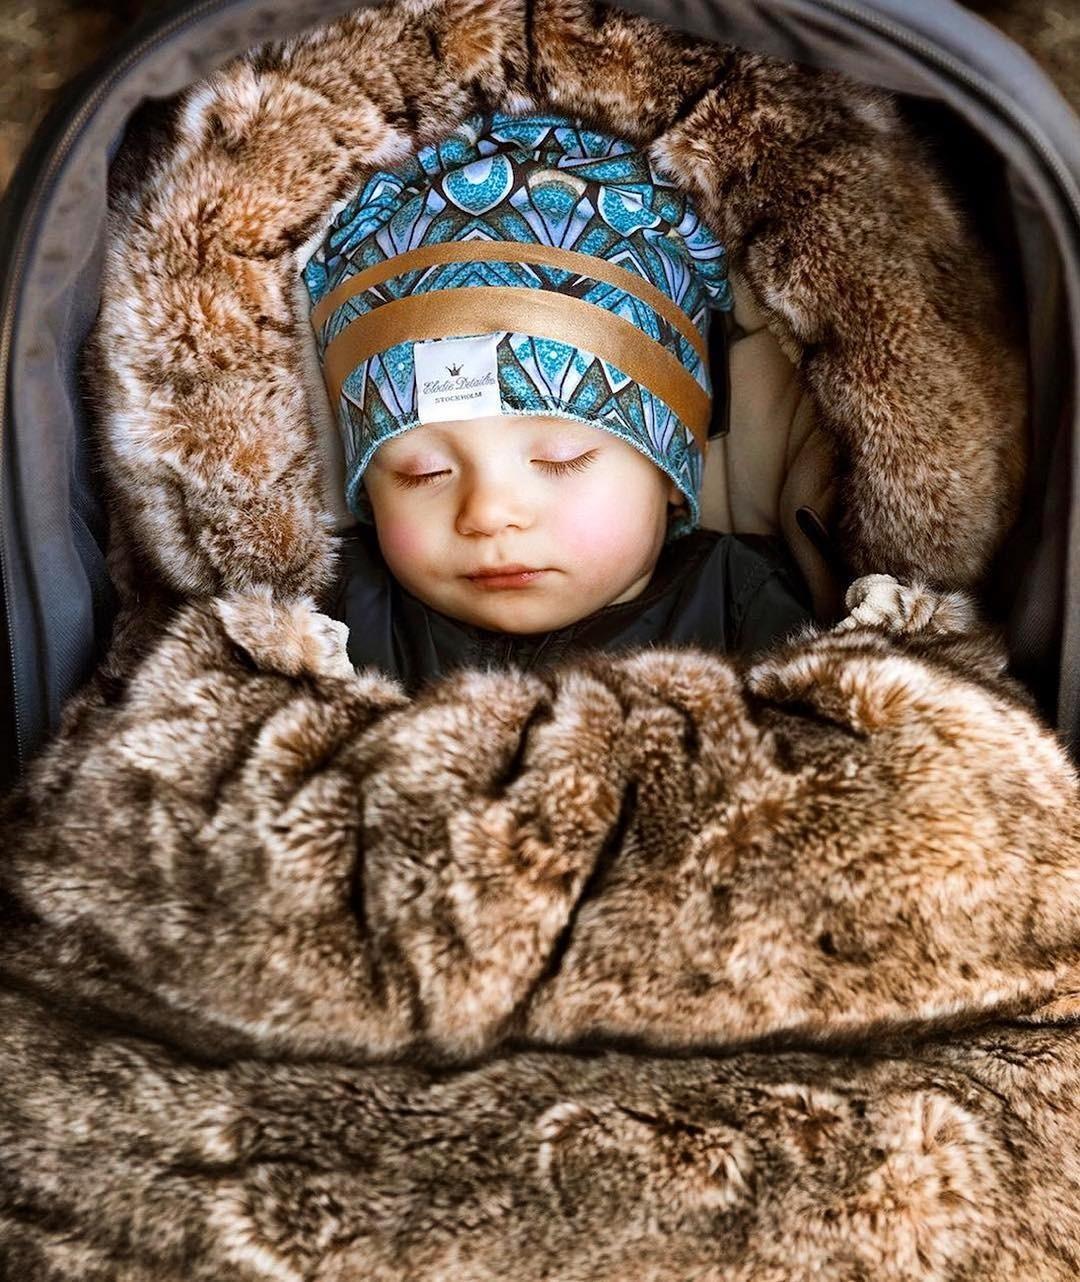 Первый слой должен быть синтетическим дляактивного ребенка ишерстяной — дляребенка со спокойным темпераментом. Вкачестве второго слоя можно уже выбрать Softshell, хотя флисовый компл...